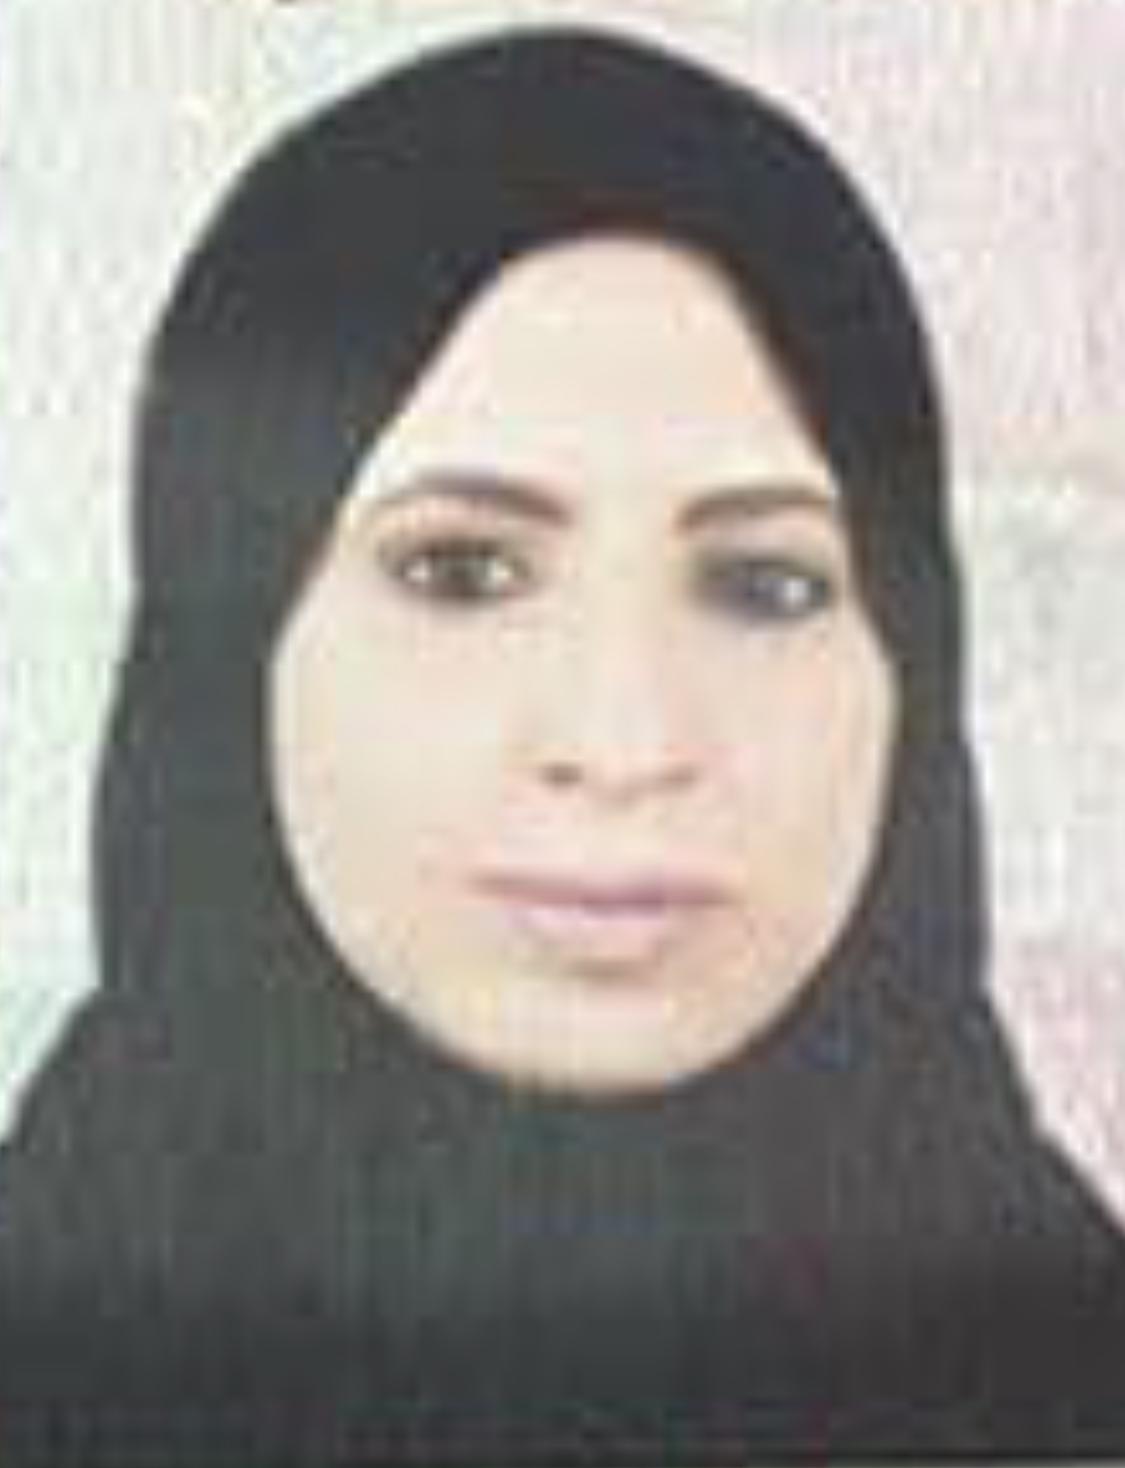 العراق على مفترق طرق  بقلم داليا عبد الكريم